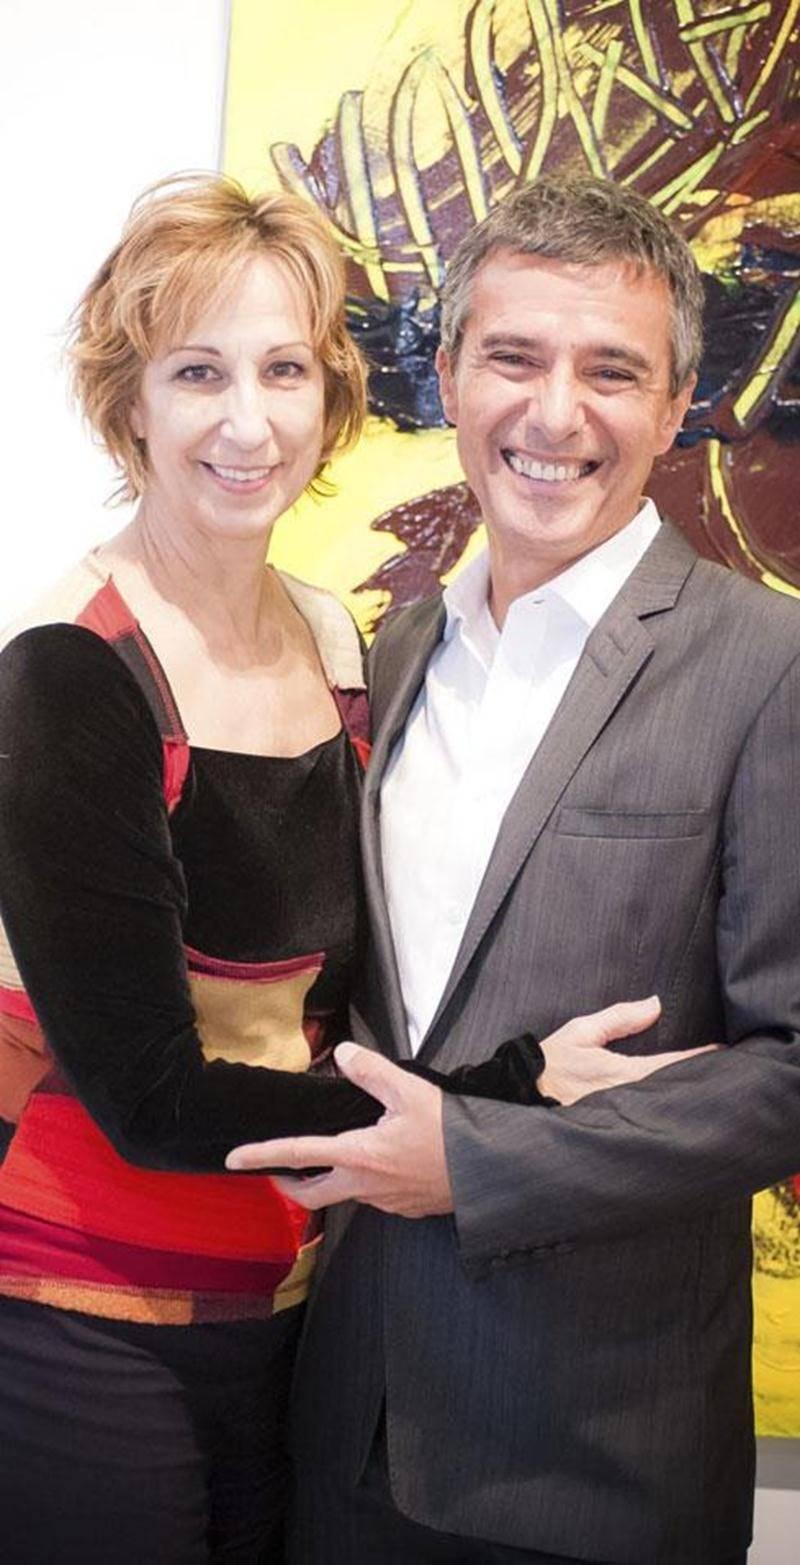 Les auteurs Danielle Proulx et Guy Corneau lors du lancement de la pièce <em>Céline et André</em> à Montréal.